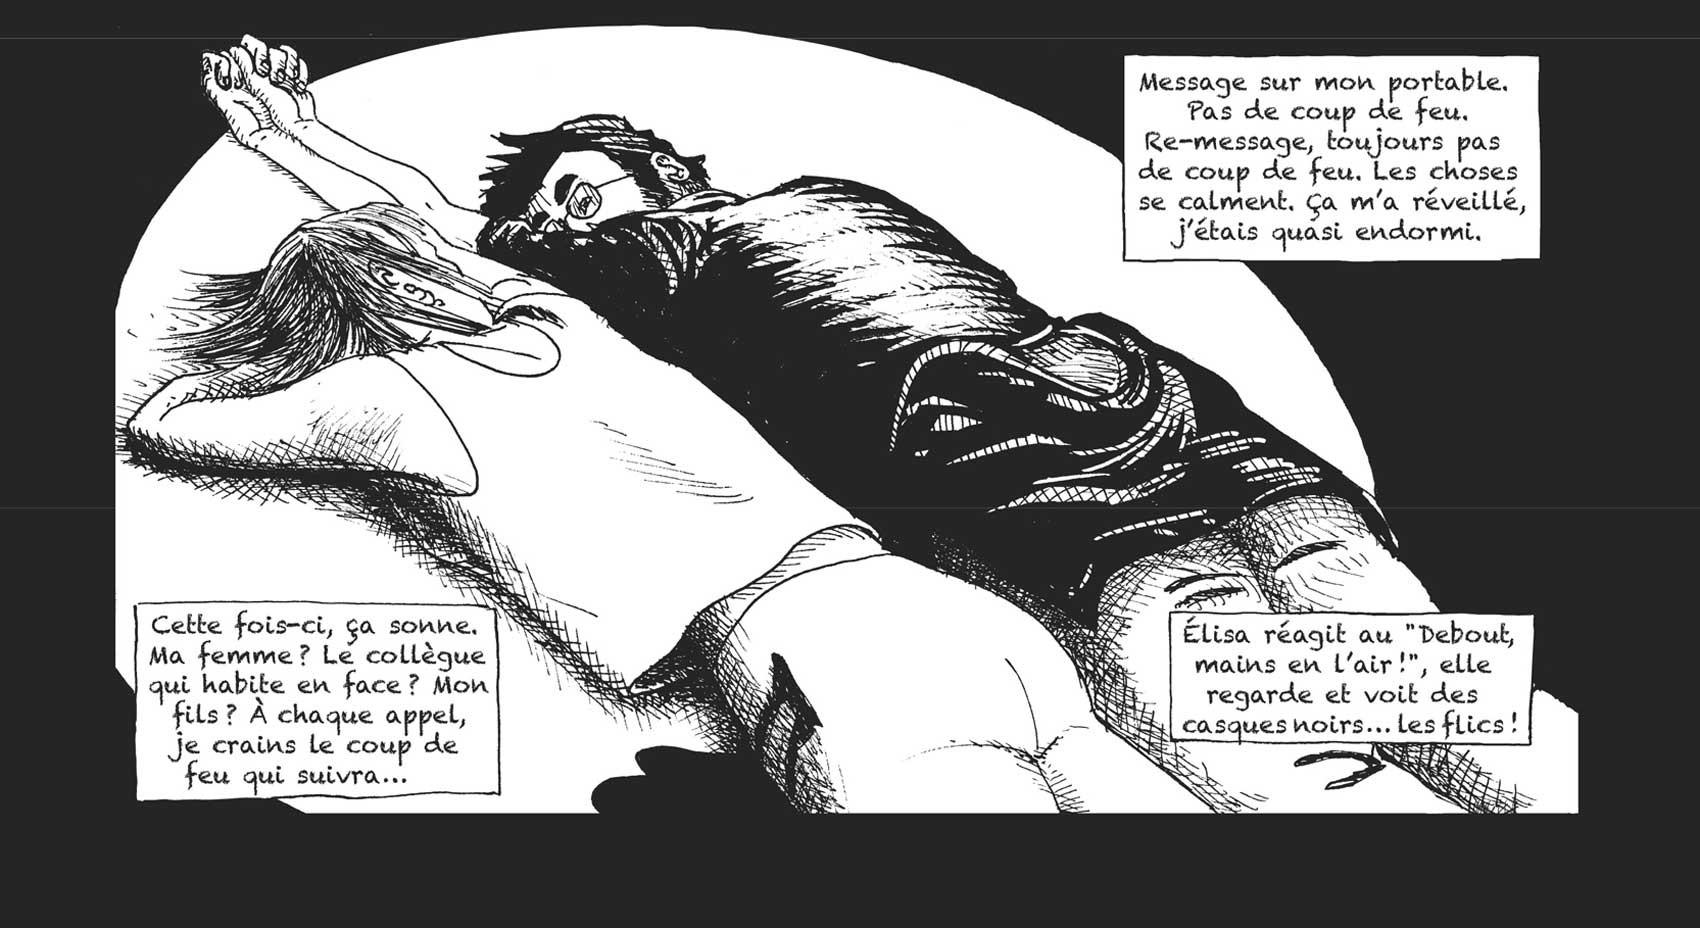 Fred Dewild teve que fingir que estava morto para escapar de ataque no Bataclan (Foto: Lemieux Éditeur/Reprodução)